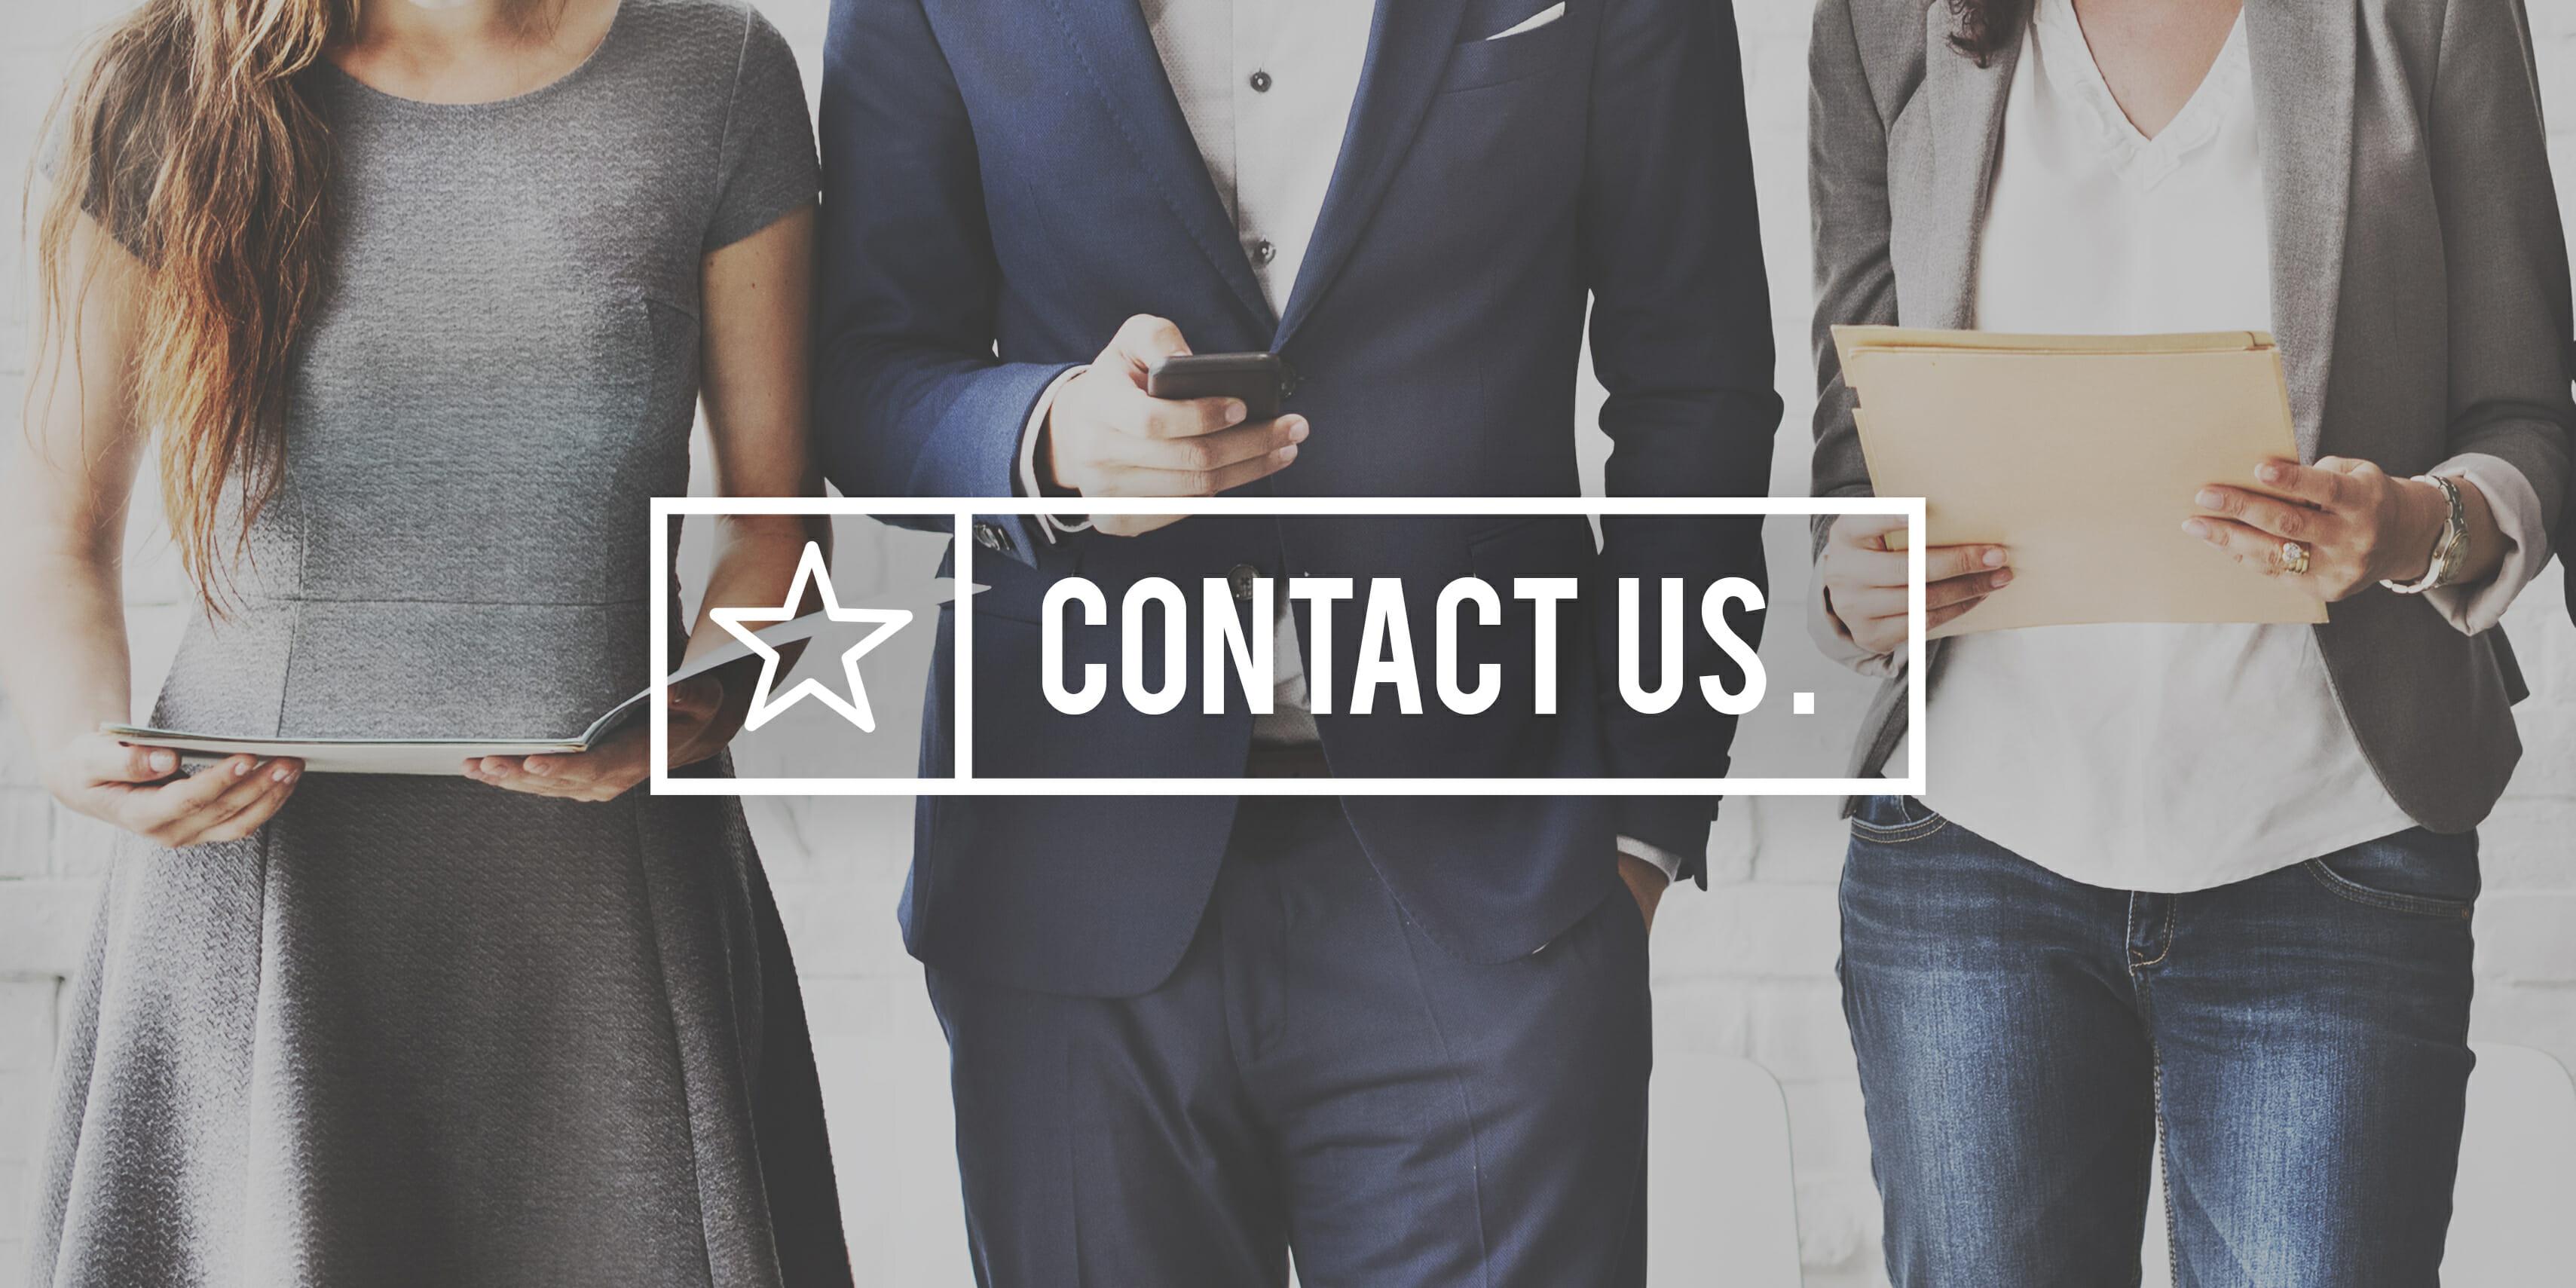 hypotheek met jaarcontract zonder intentieverklaring Hypotheek berekenen jaarcontract » dit kun jij direct van ons lenen